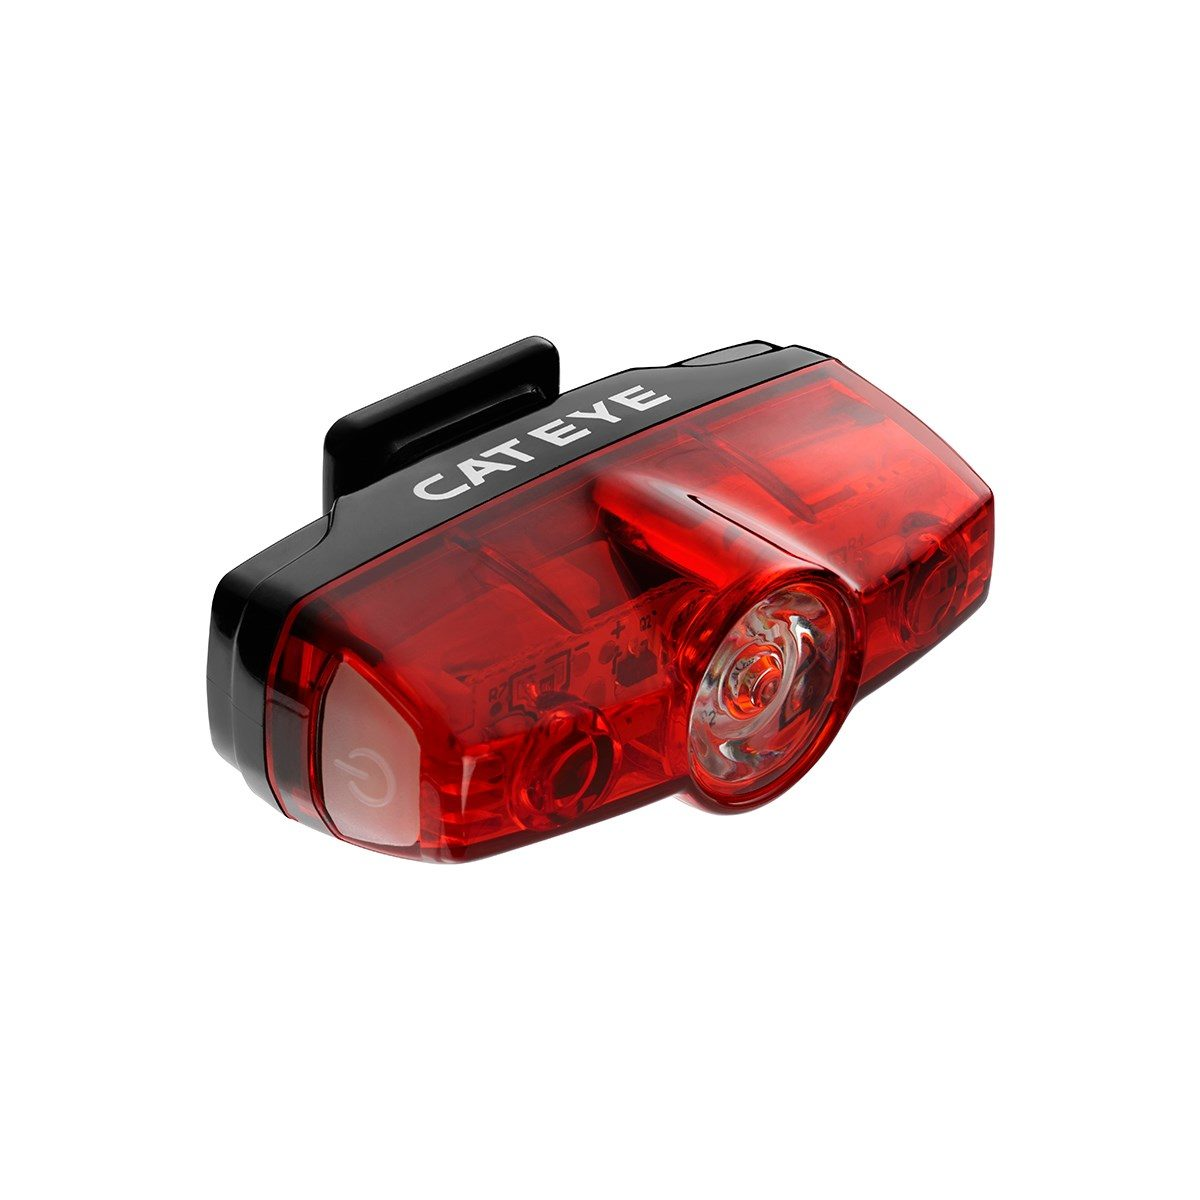 Cateye Rapid Mini USB Rear Light